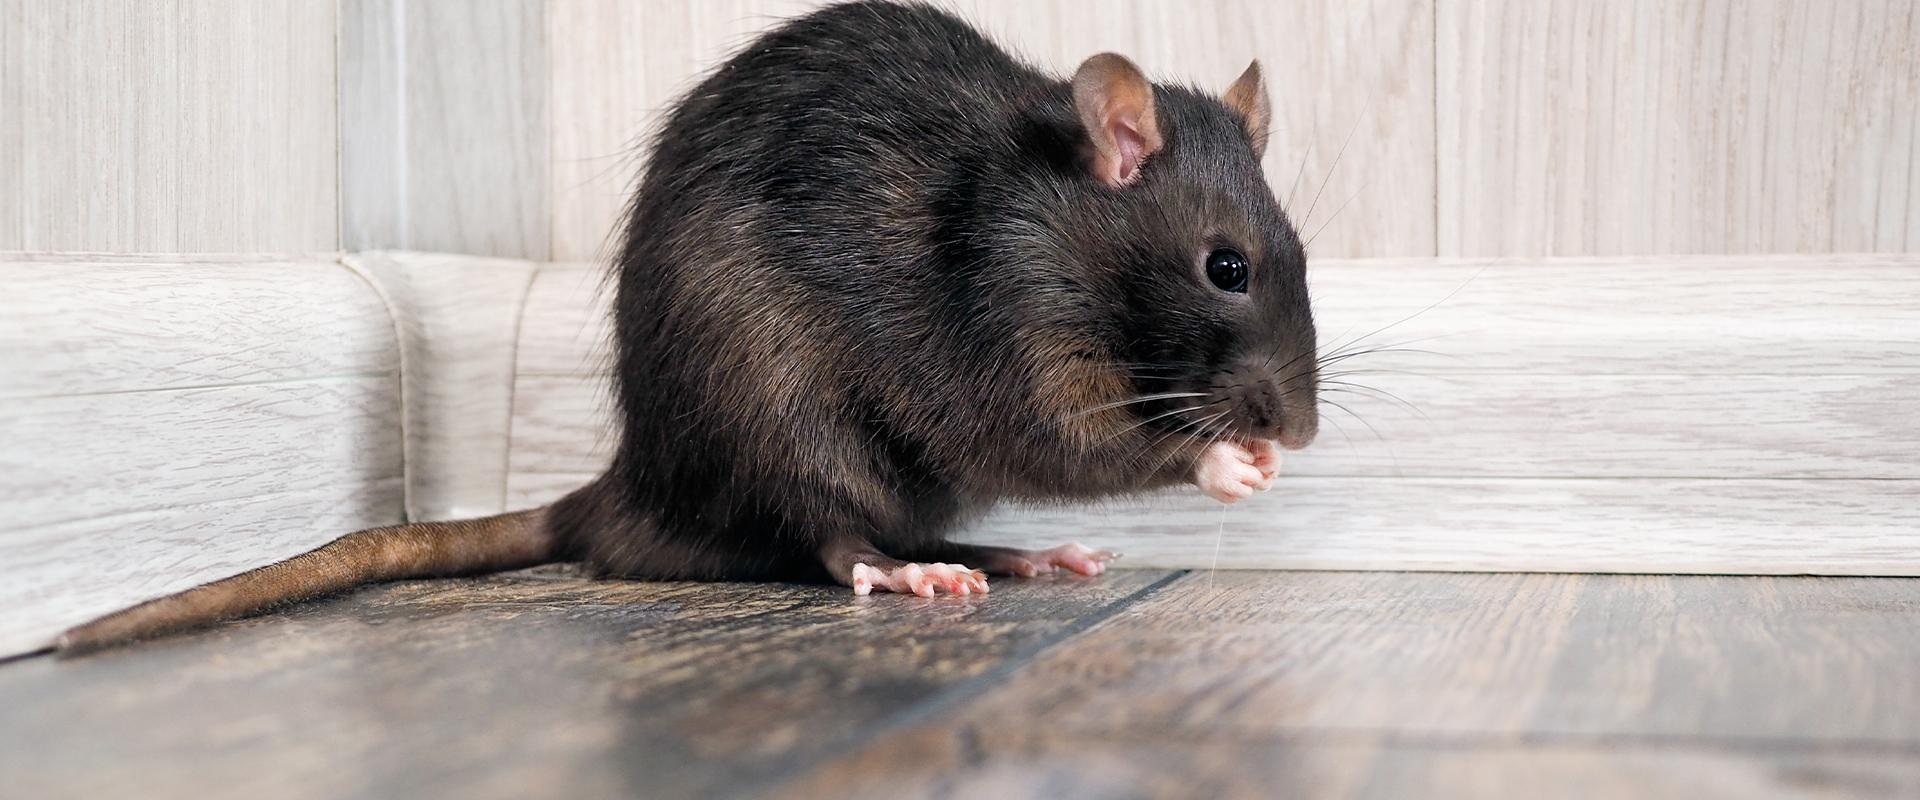 black rat on kitchen floor